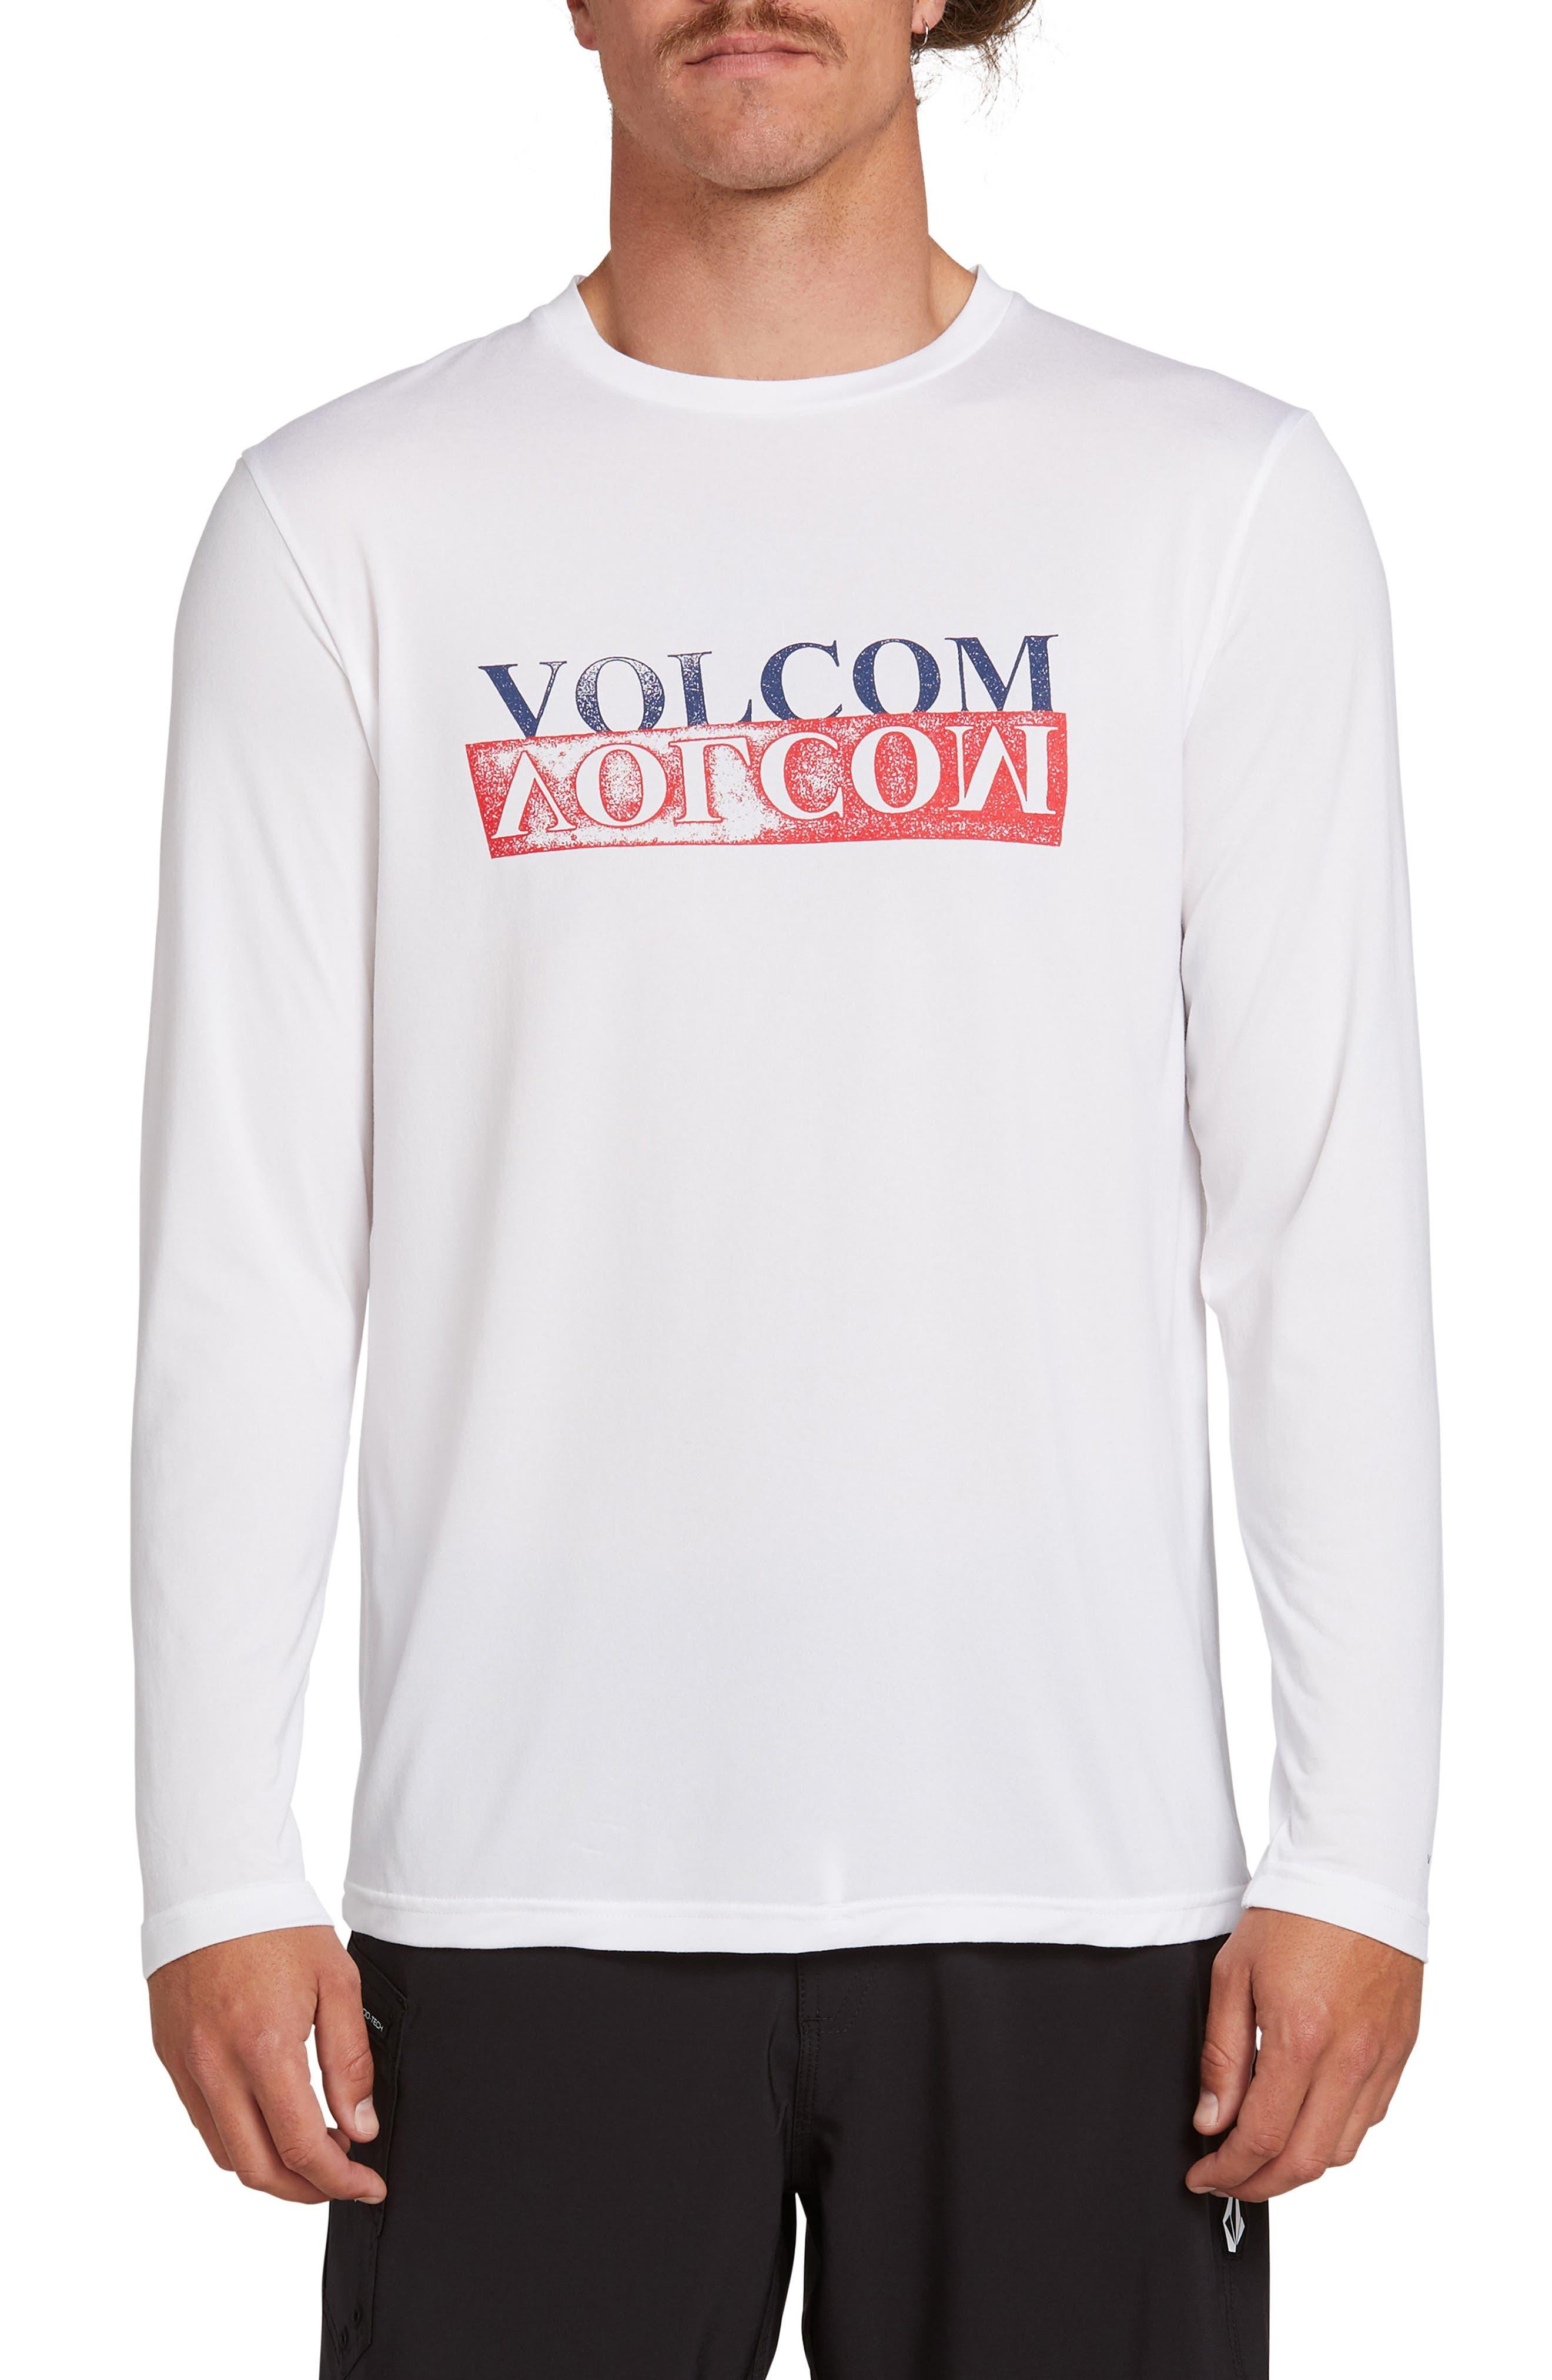 Volcom Effect Long Sleeve T-Shirt, White